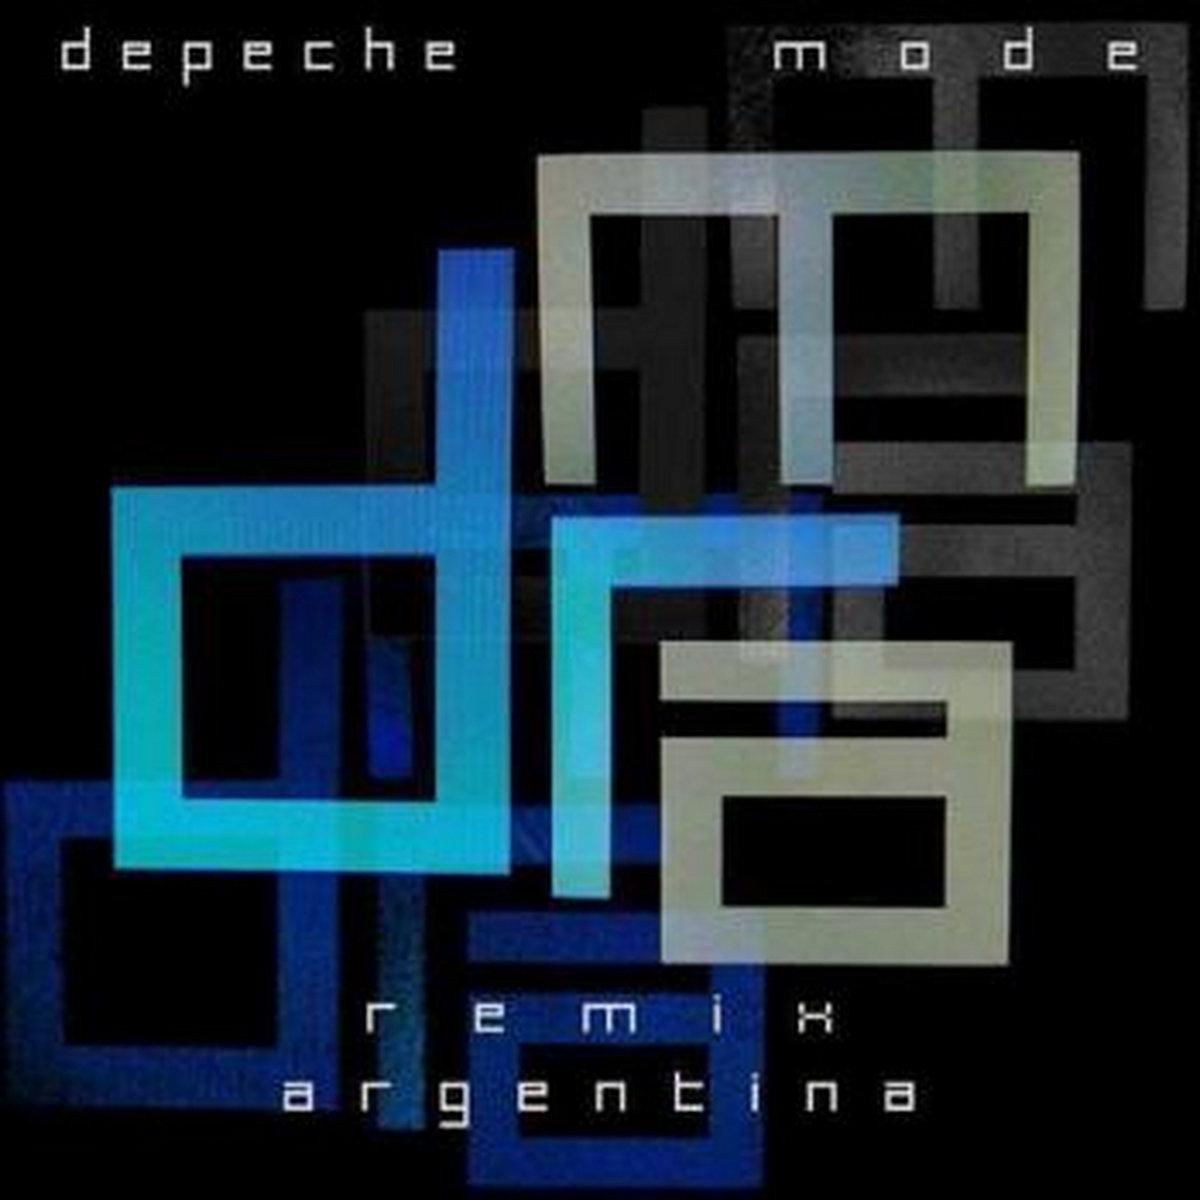 depeche mode remix